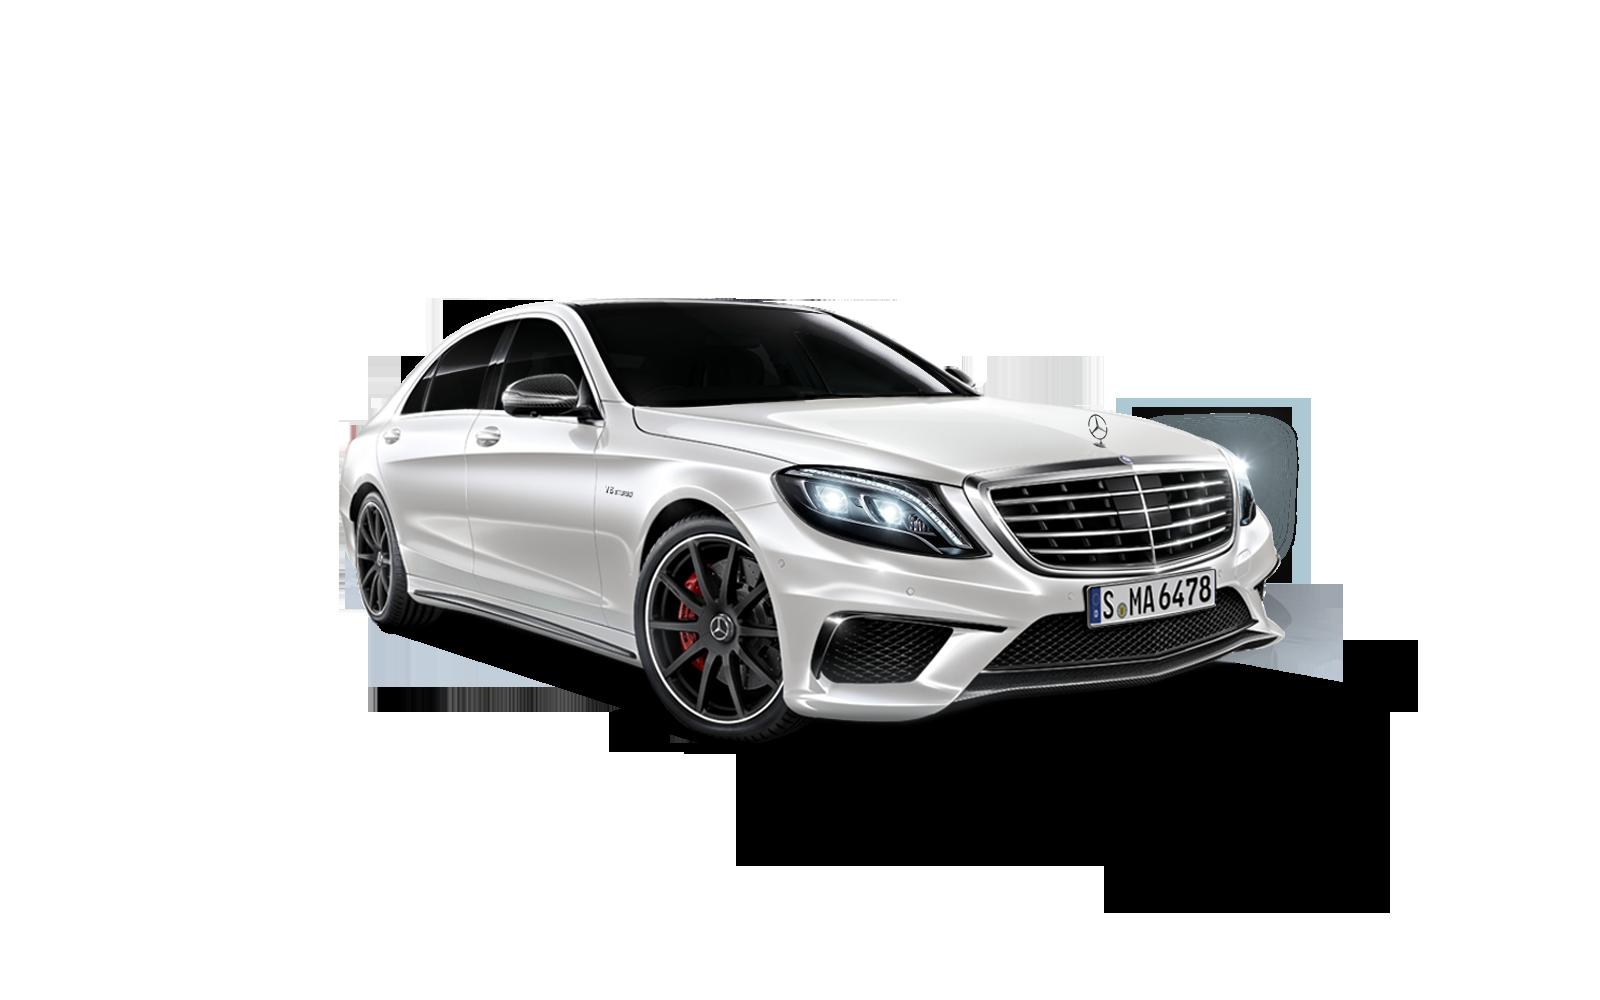 PNG File Name: Mercedes PlusPng.com  - Mercedes PNG